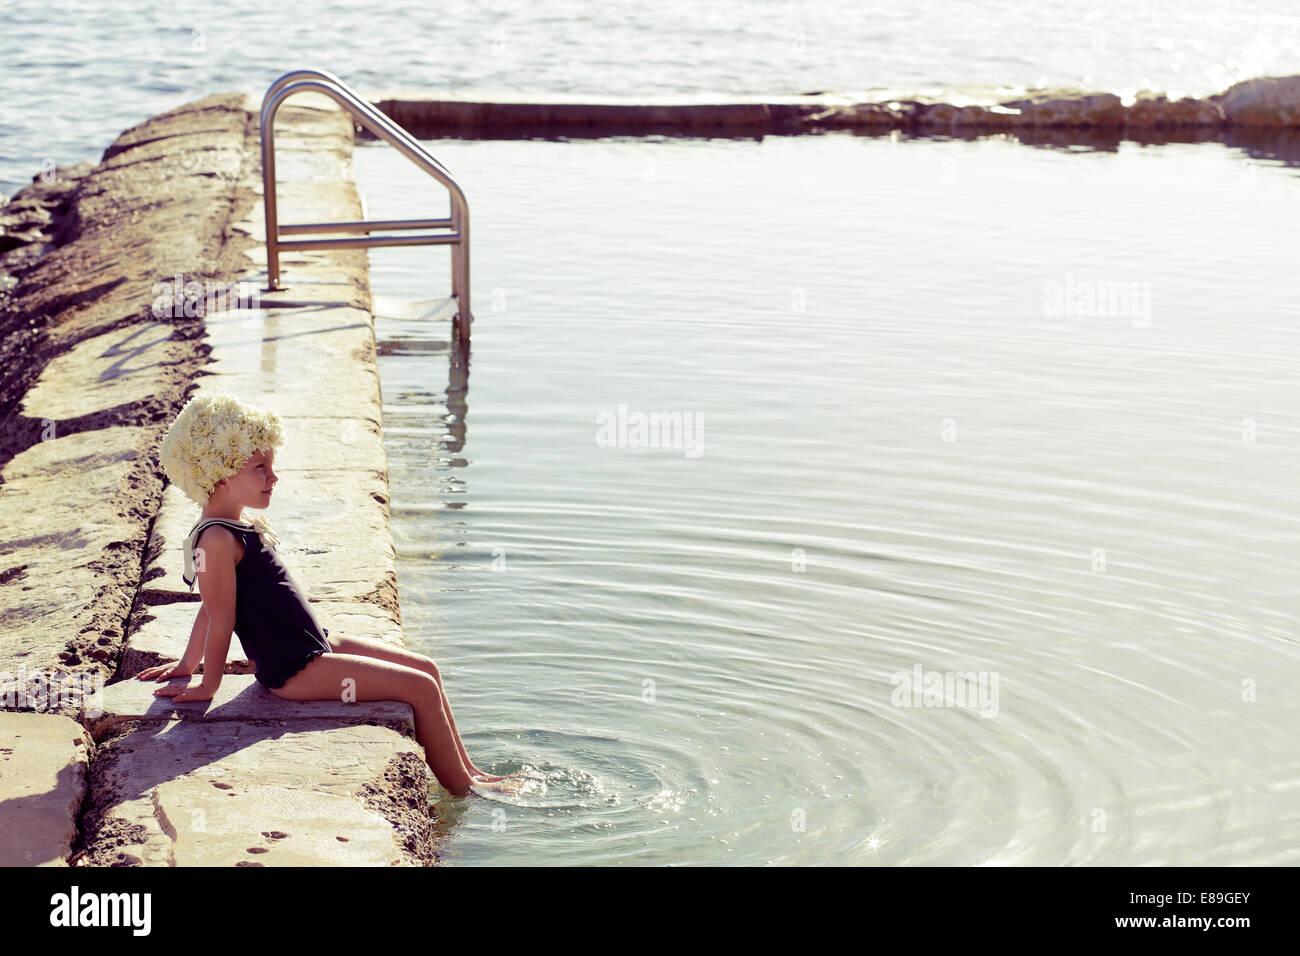 Chica en Flor cap ubicado junto a la piscina Imagen De Stock